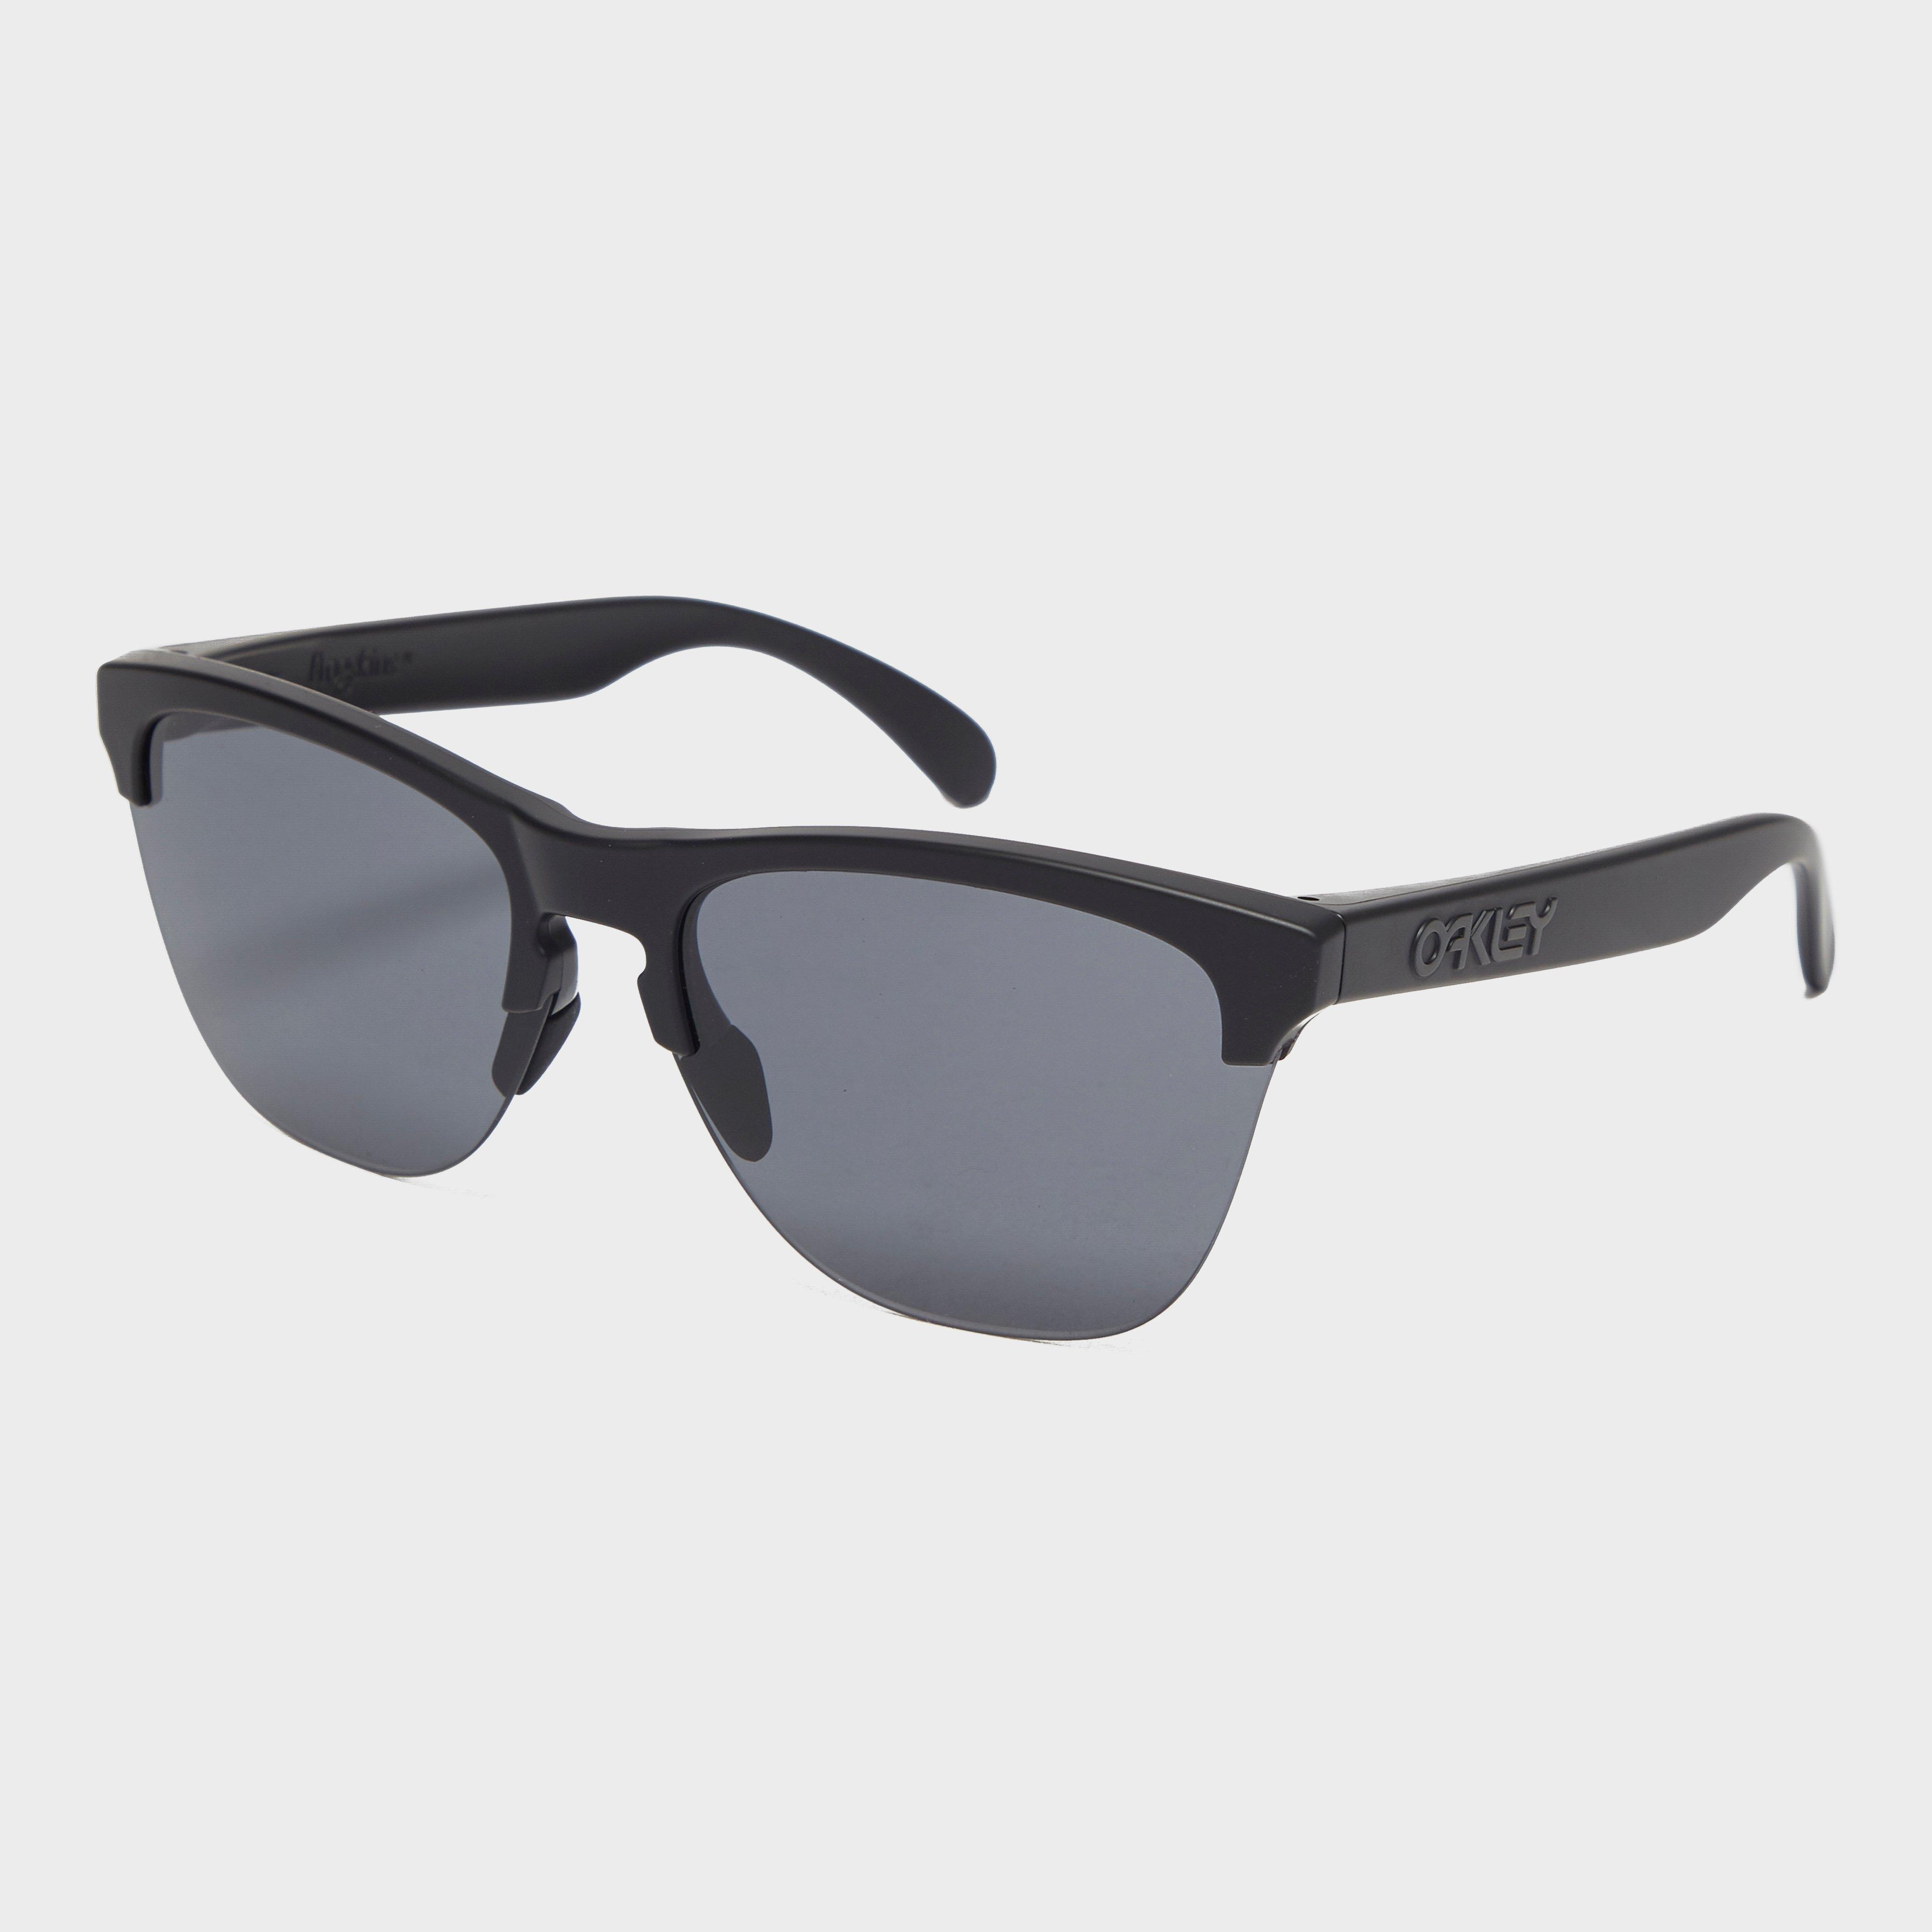 Oakley Frogskins Lite Sunglasses, Multi